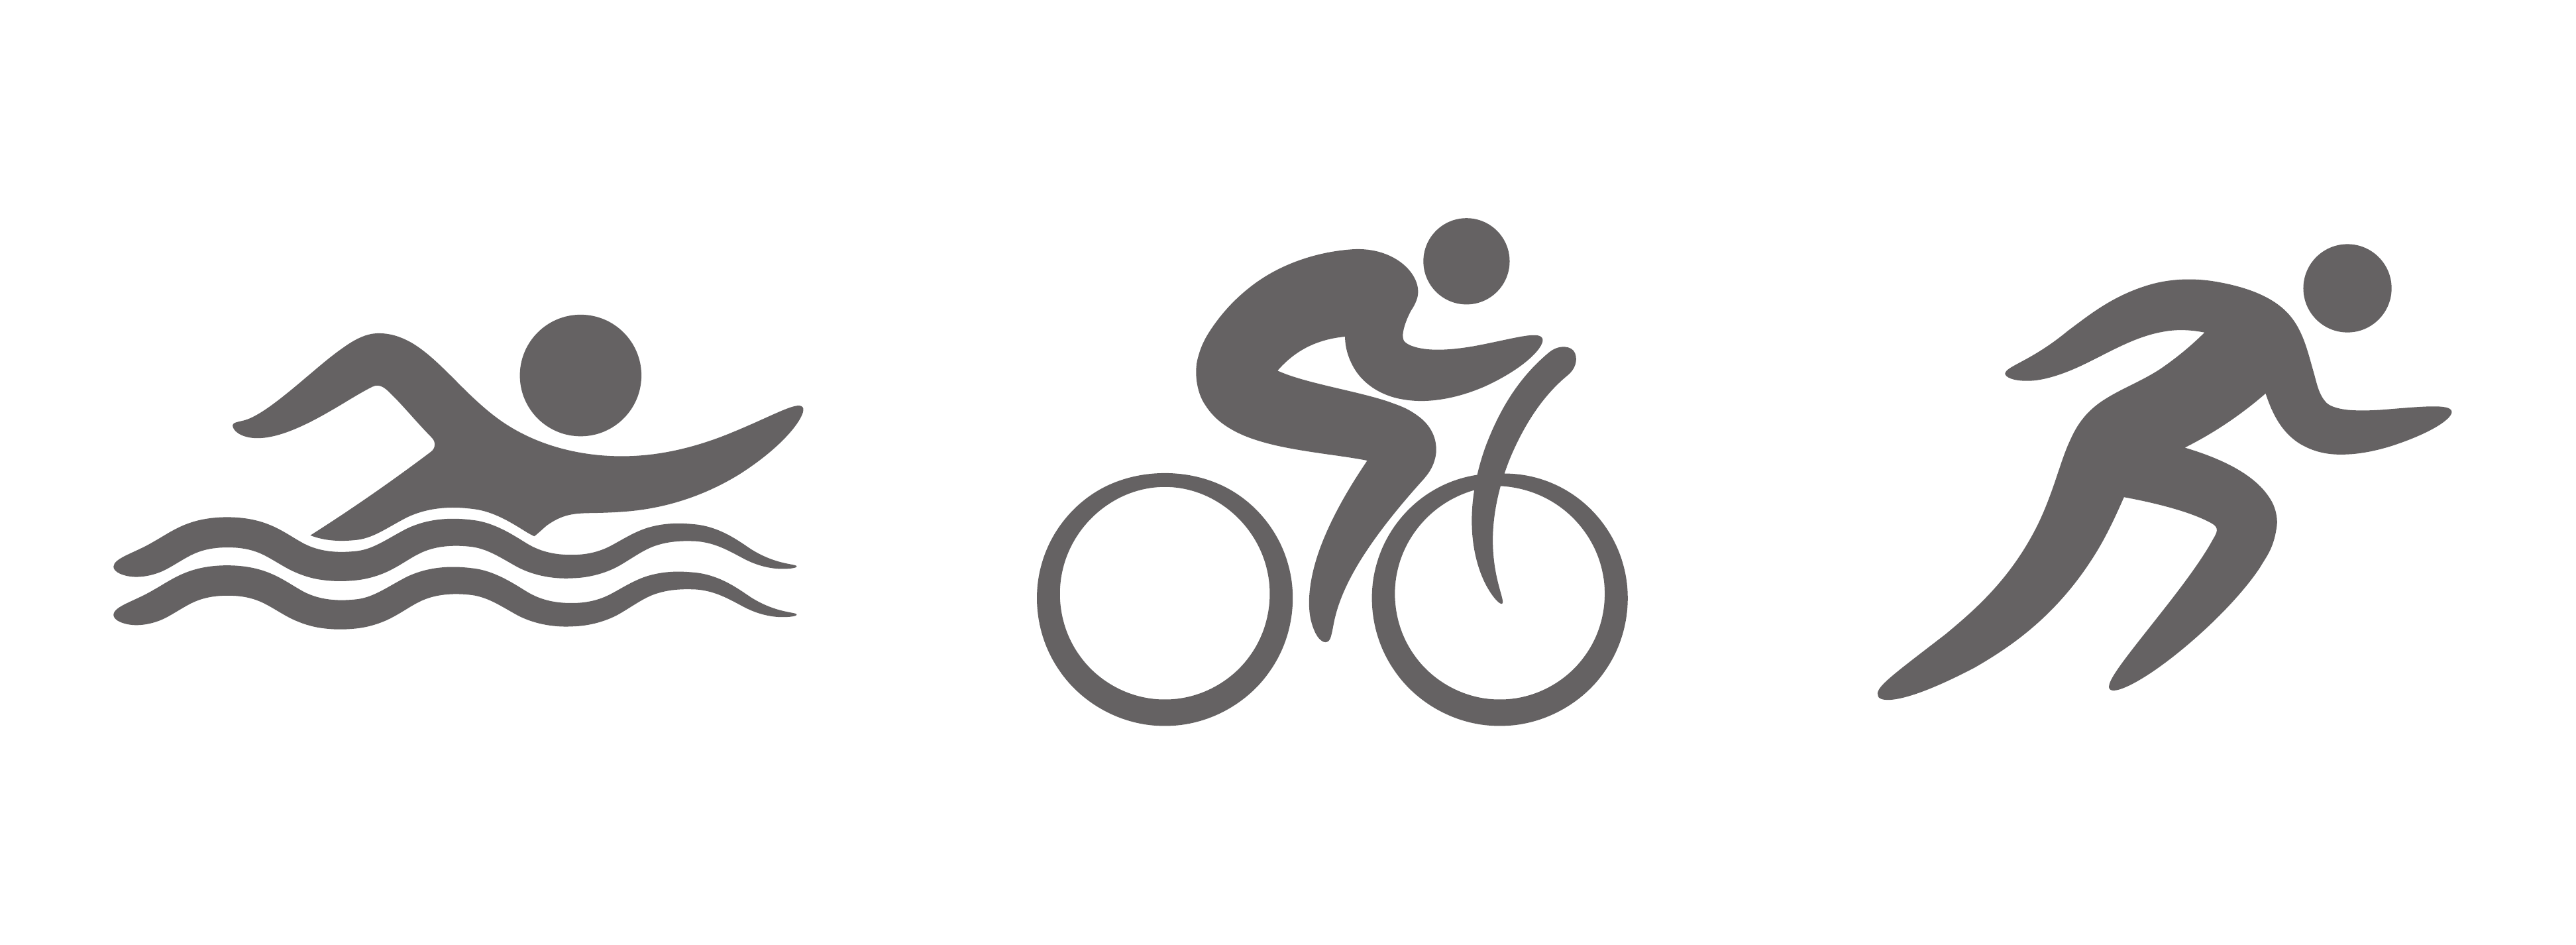 il triathlon  uno sport di resistenza molto completo